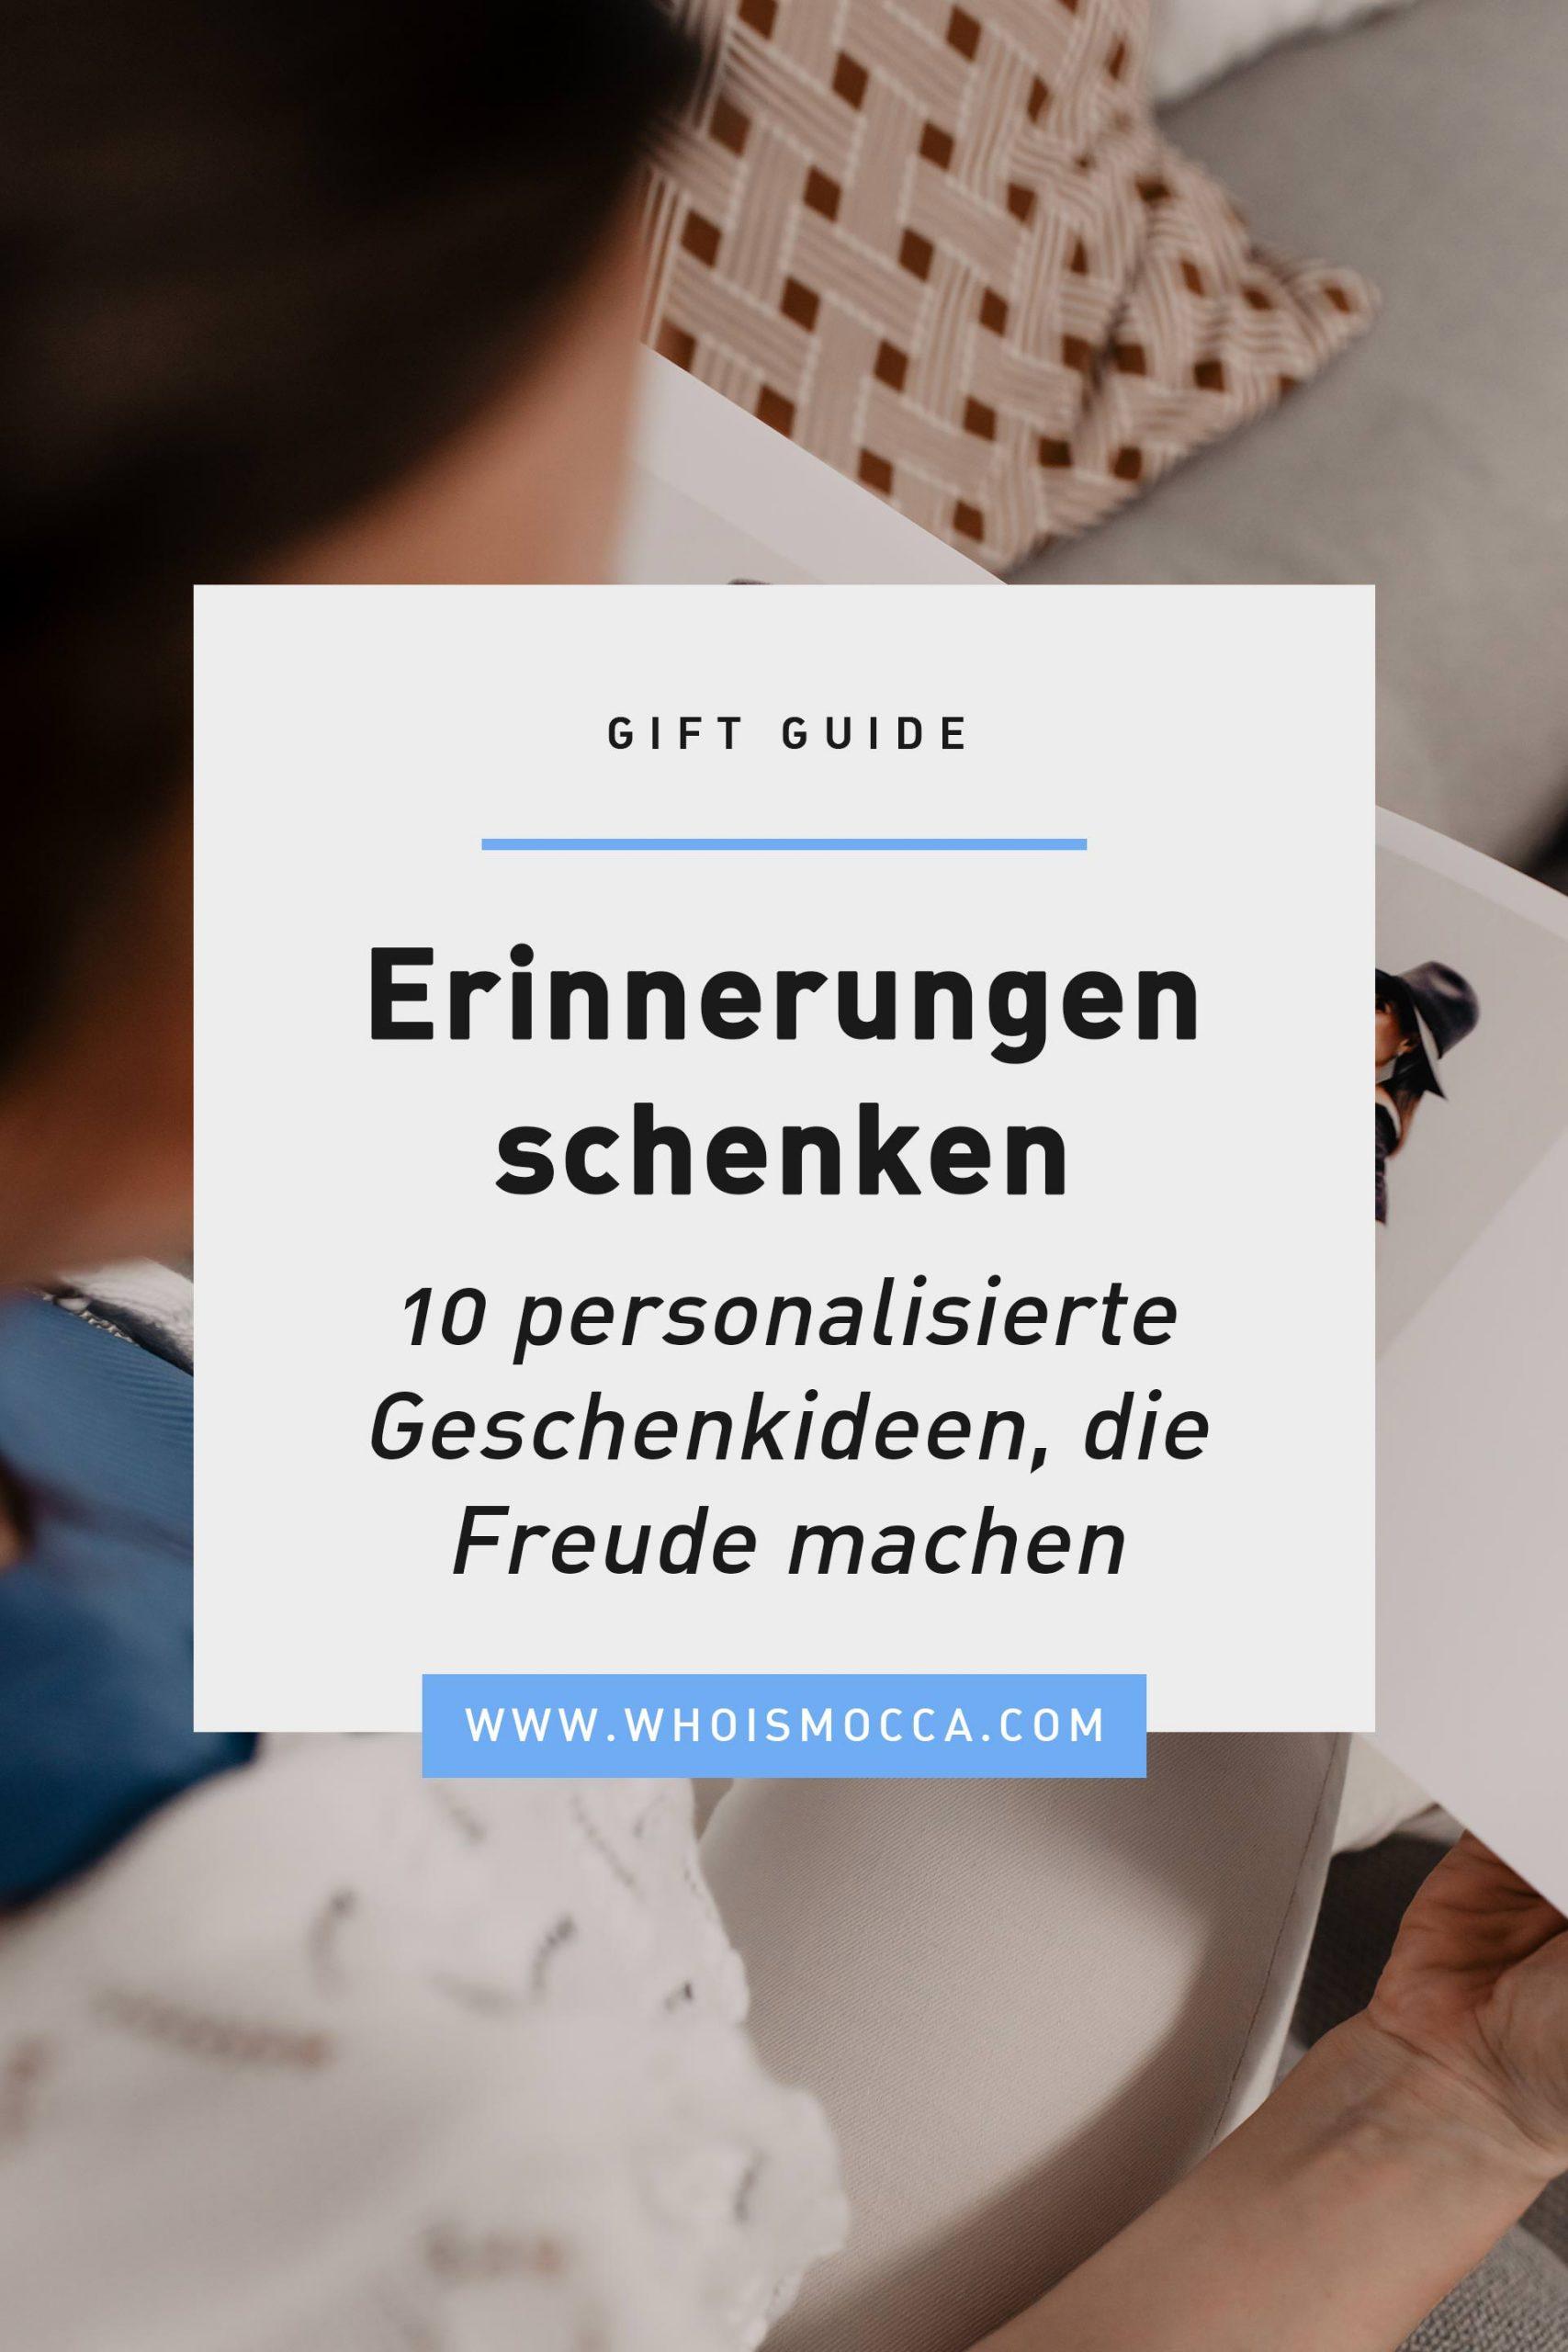 Produktplatzierung. Du möchtest Erinnerungen schenken? Am Blog findest du 10 personalisierte Geschenkideen, die garantiert Freude machen. www.whoismocca.com